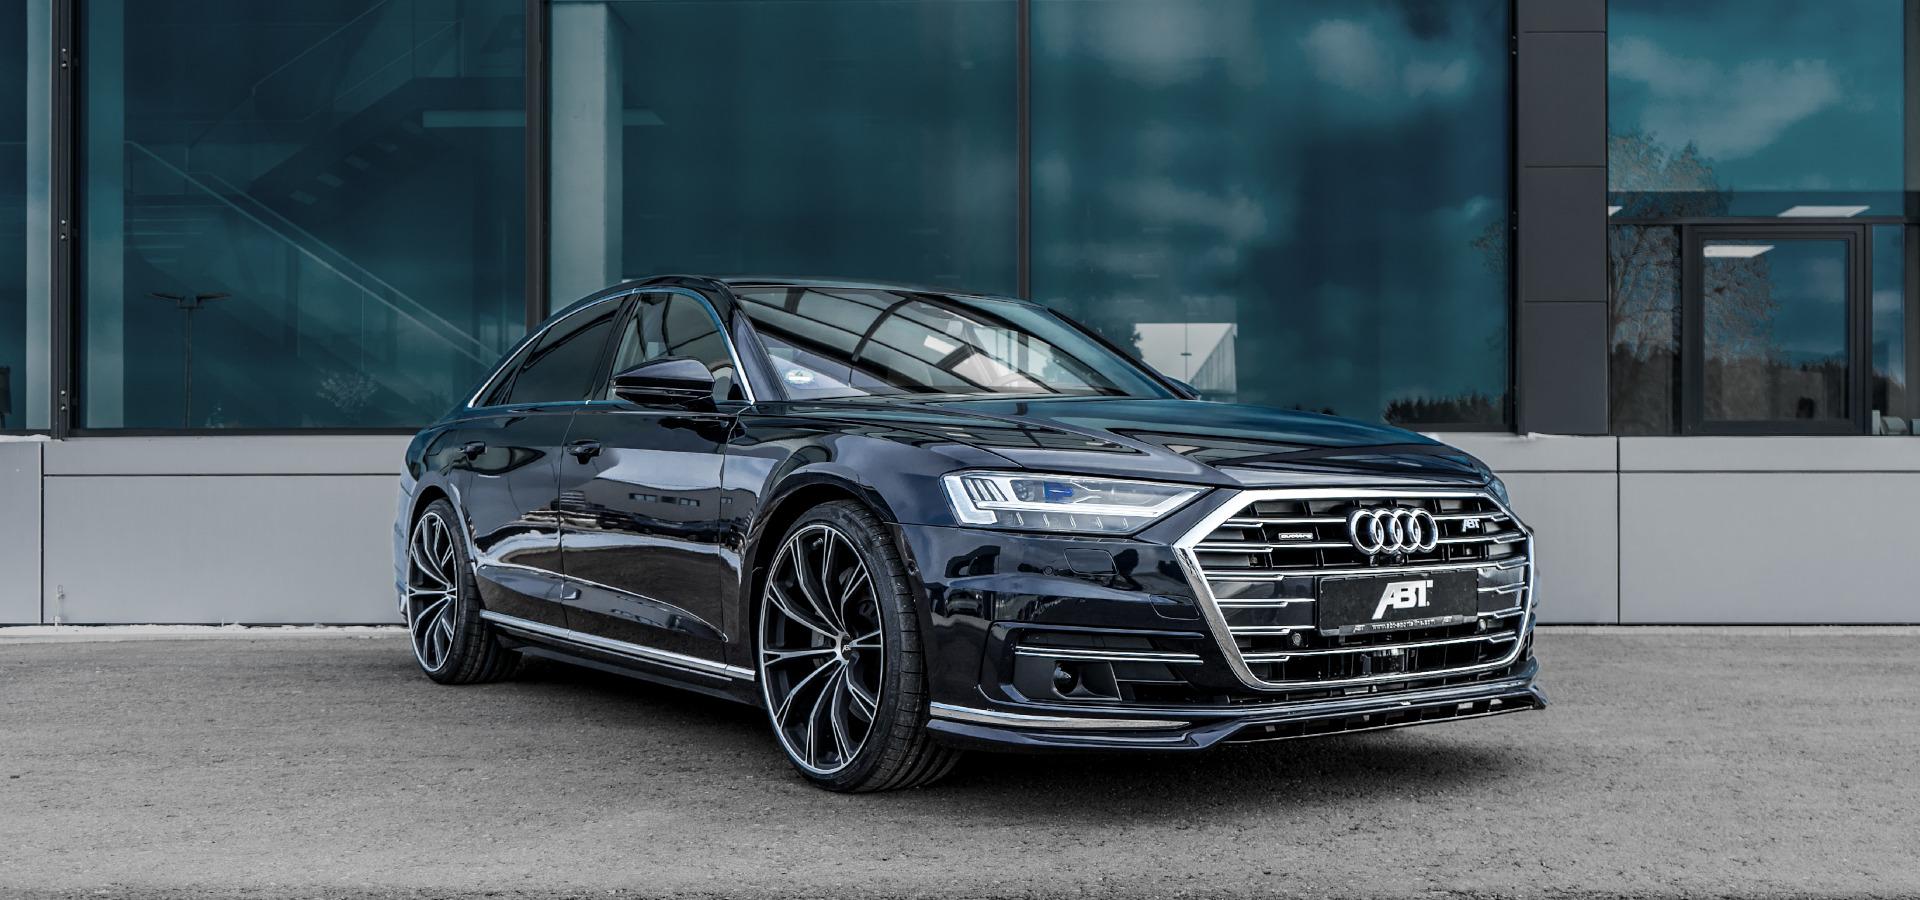 Kelebihan Audi S8 2019 Spesifikasi